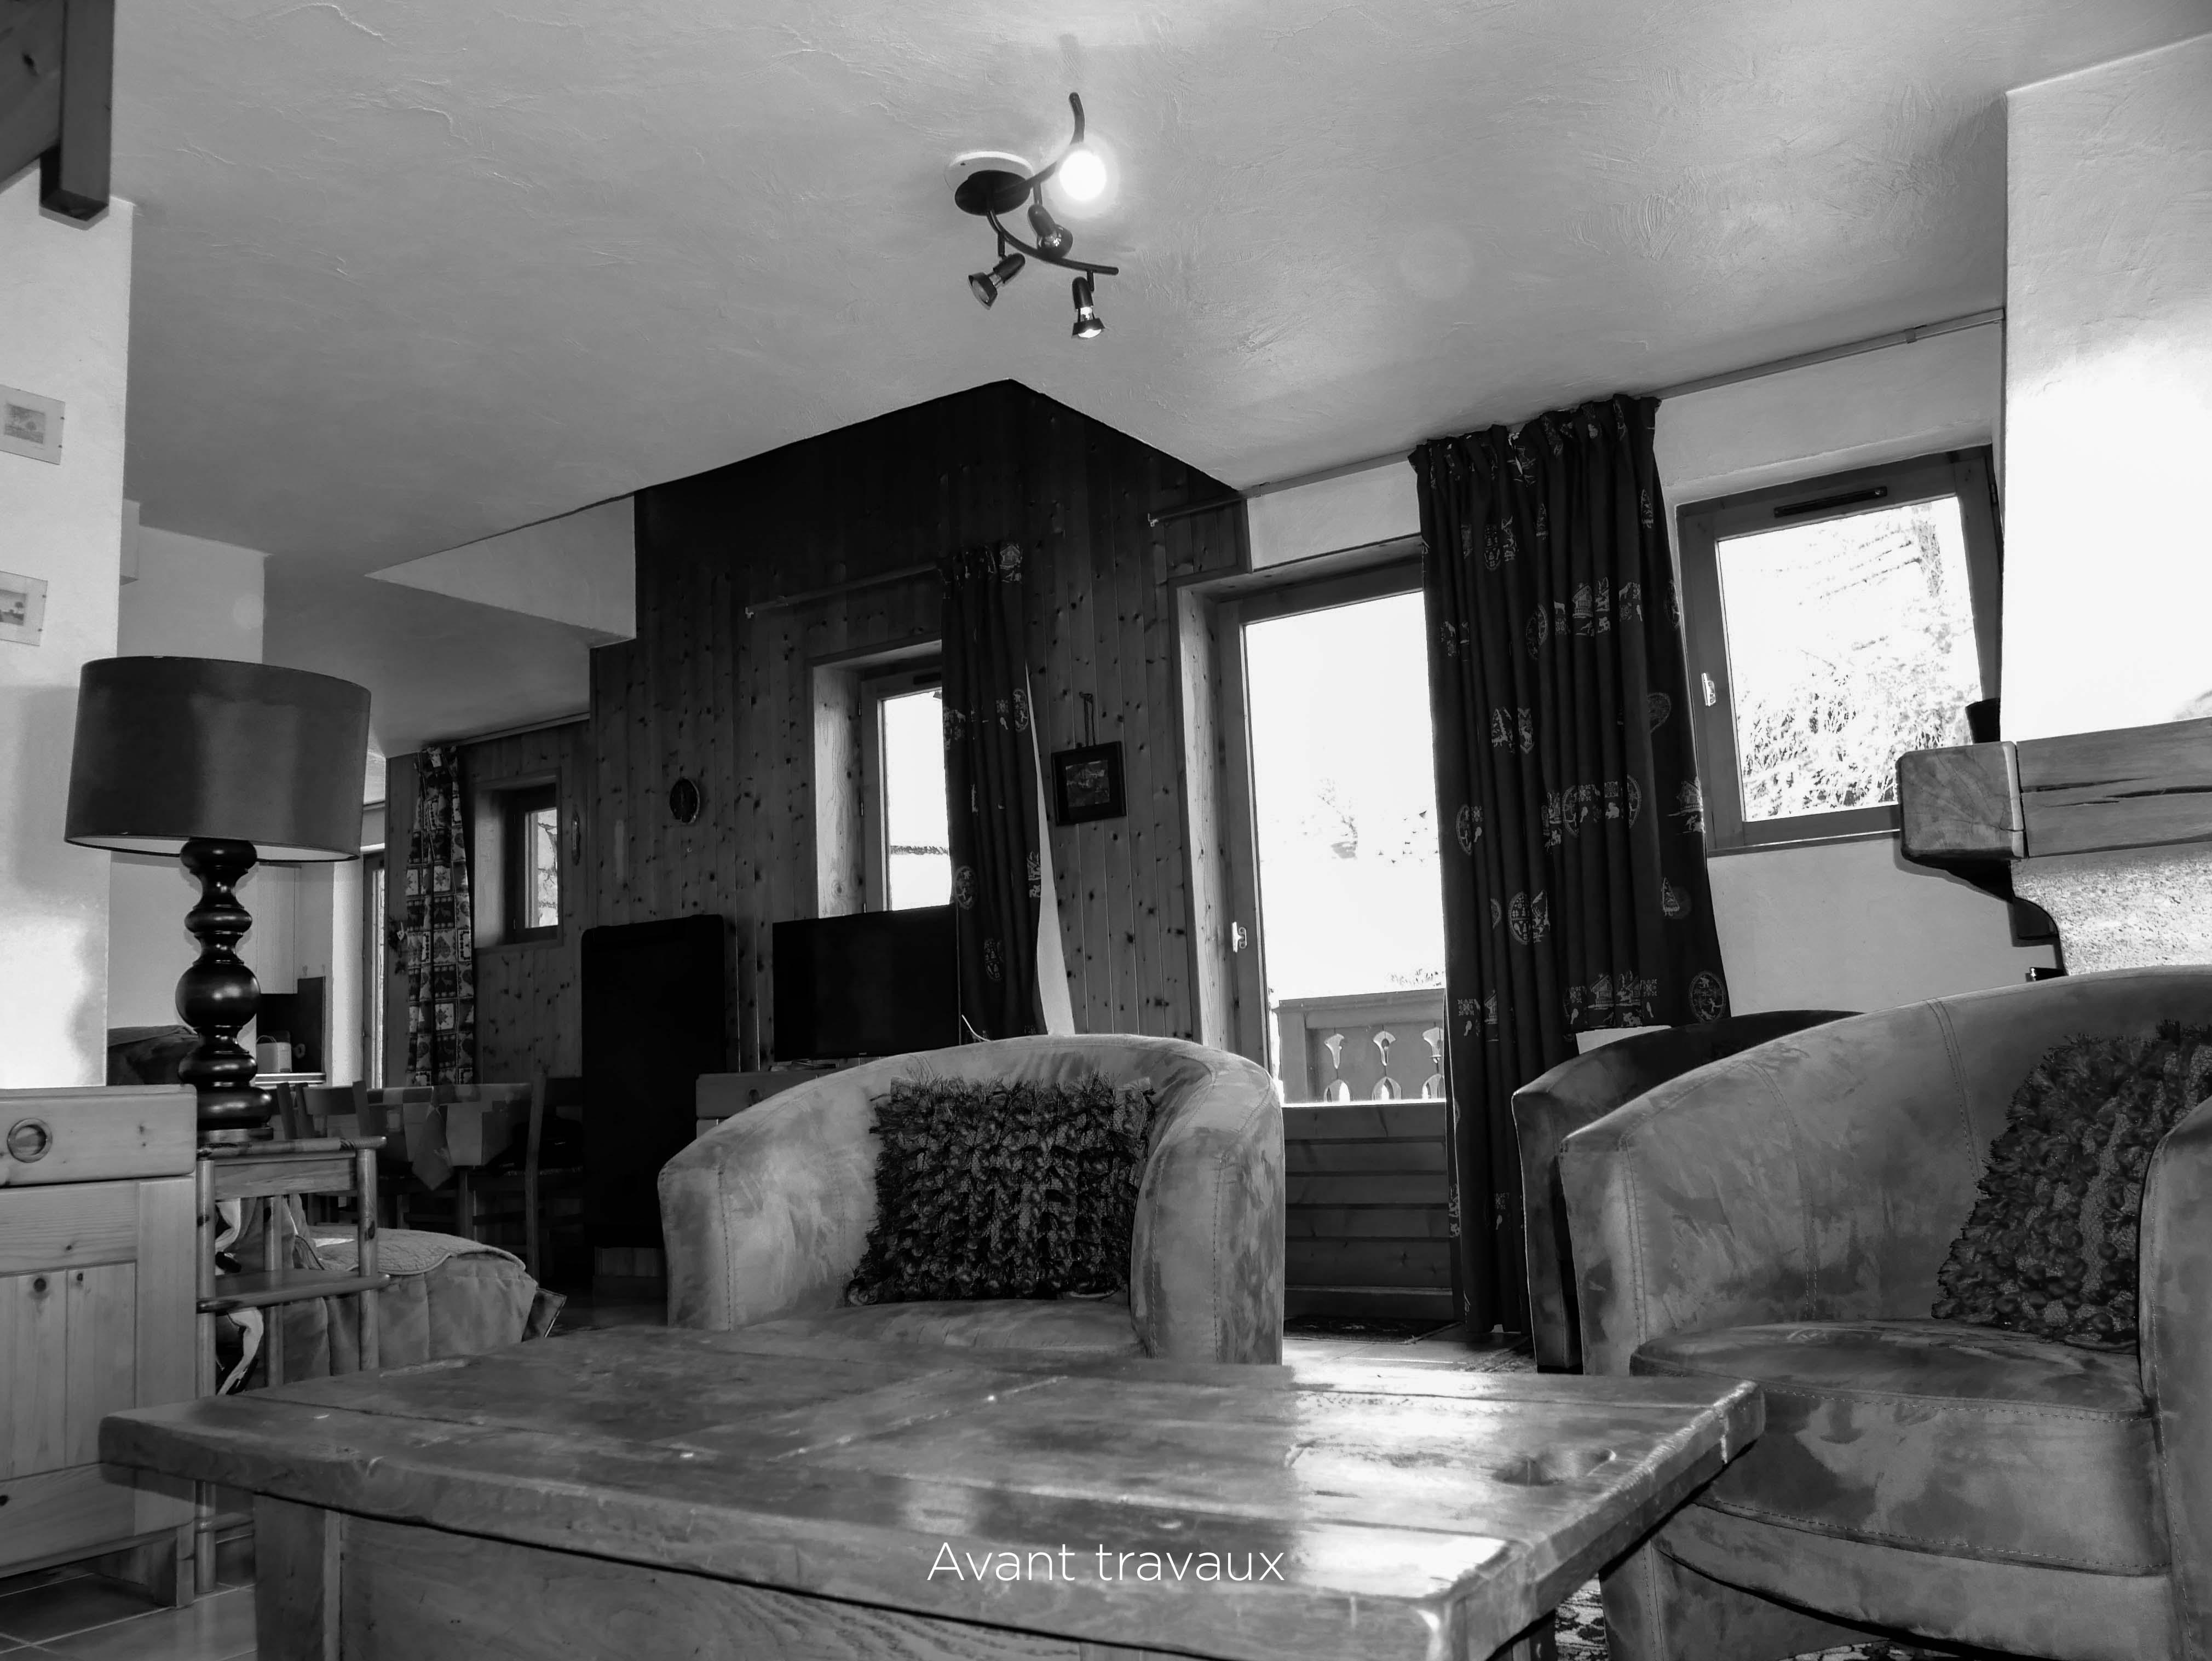 avant-après-travaux-rénovation-appartement-aménagement-interieur-montagne-alpes-courchevel-4